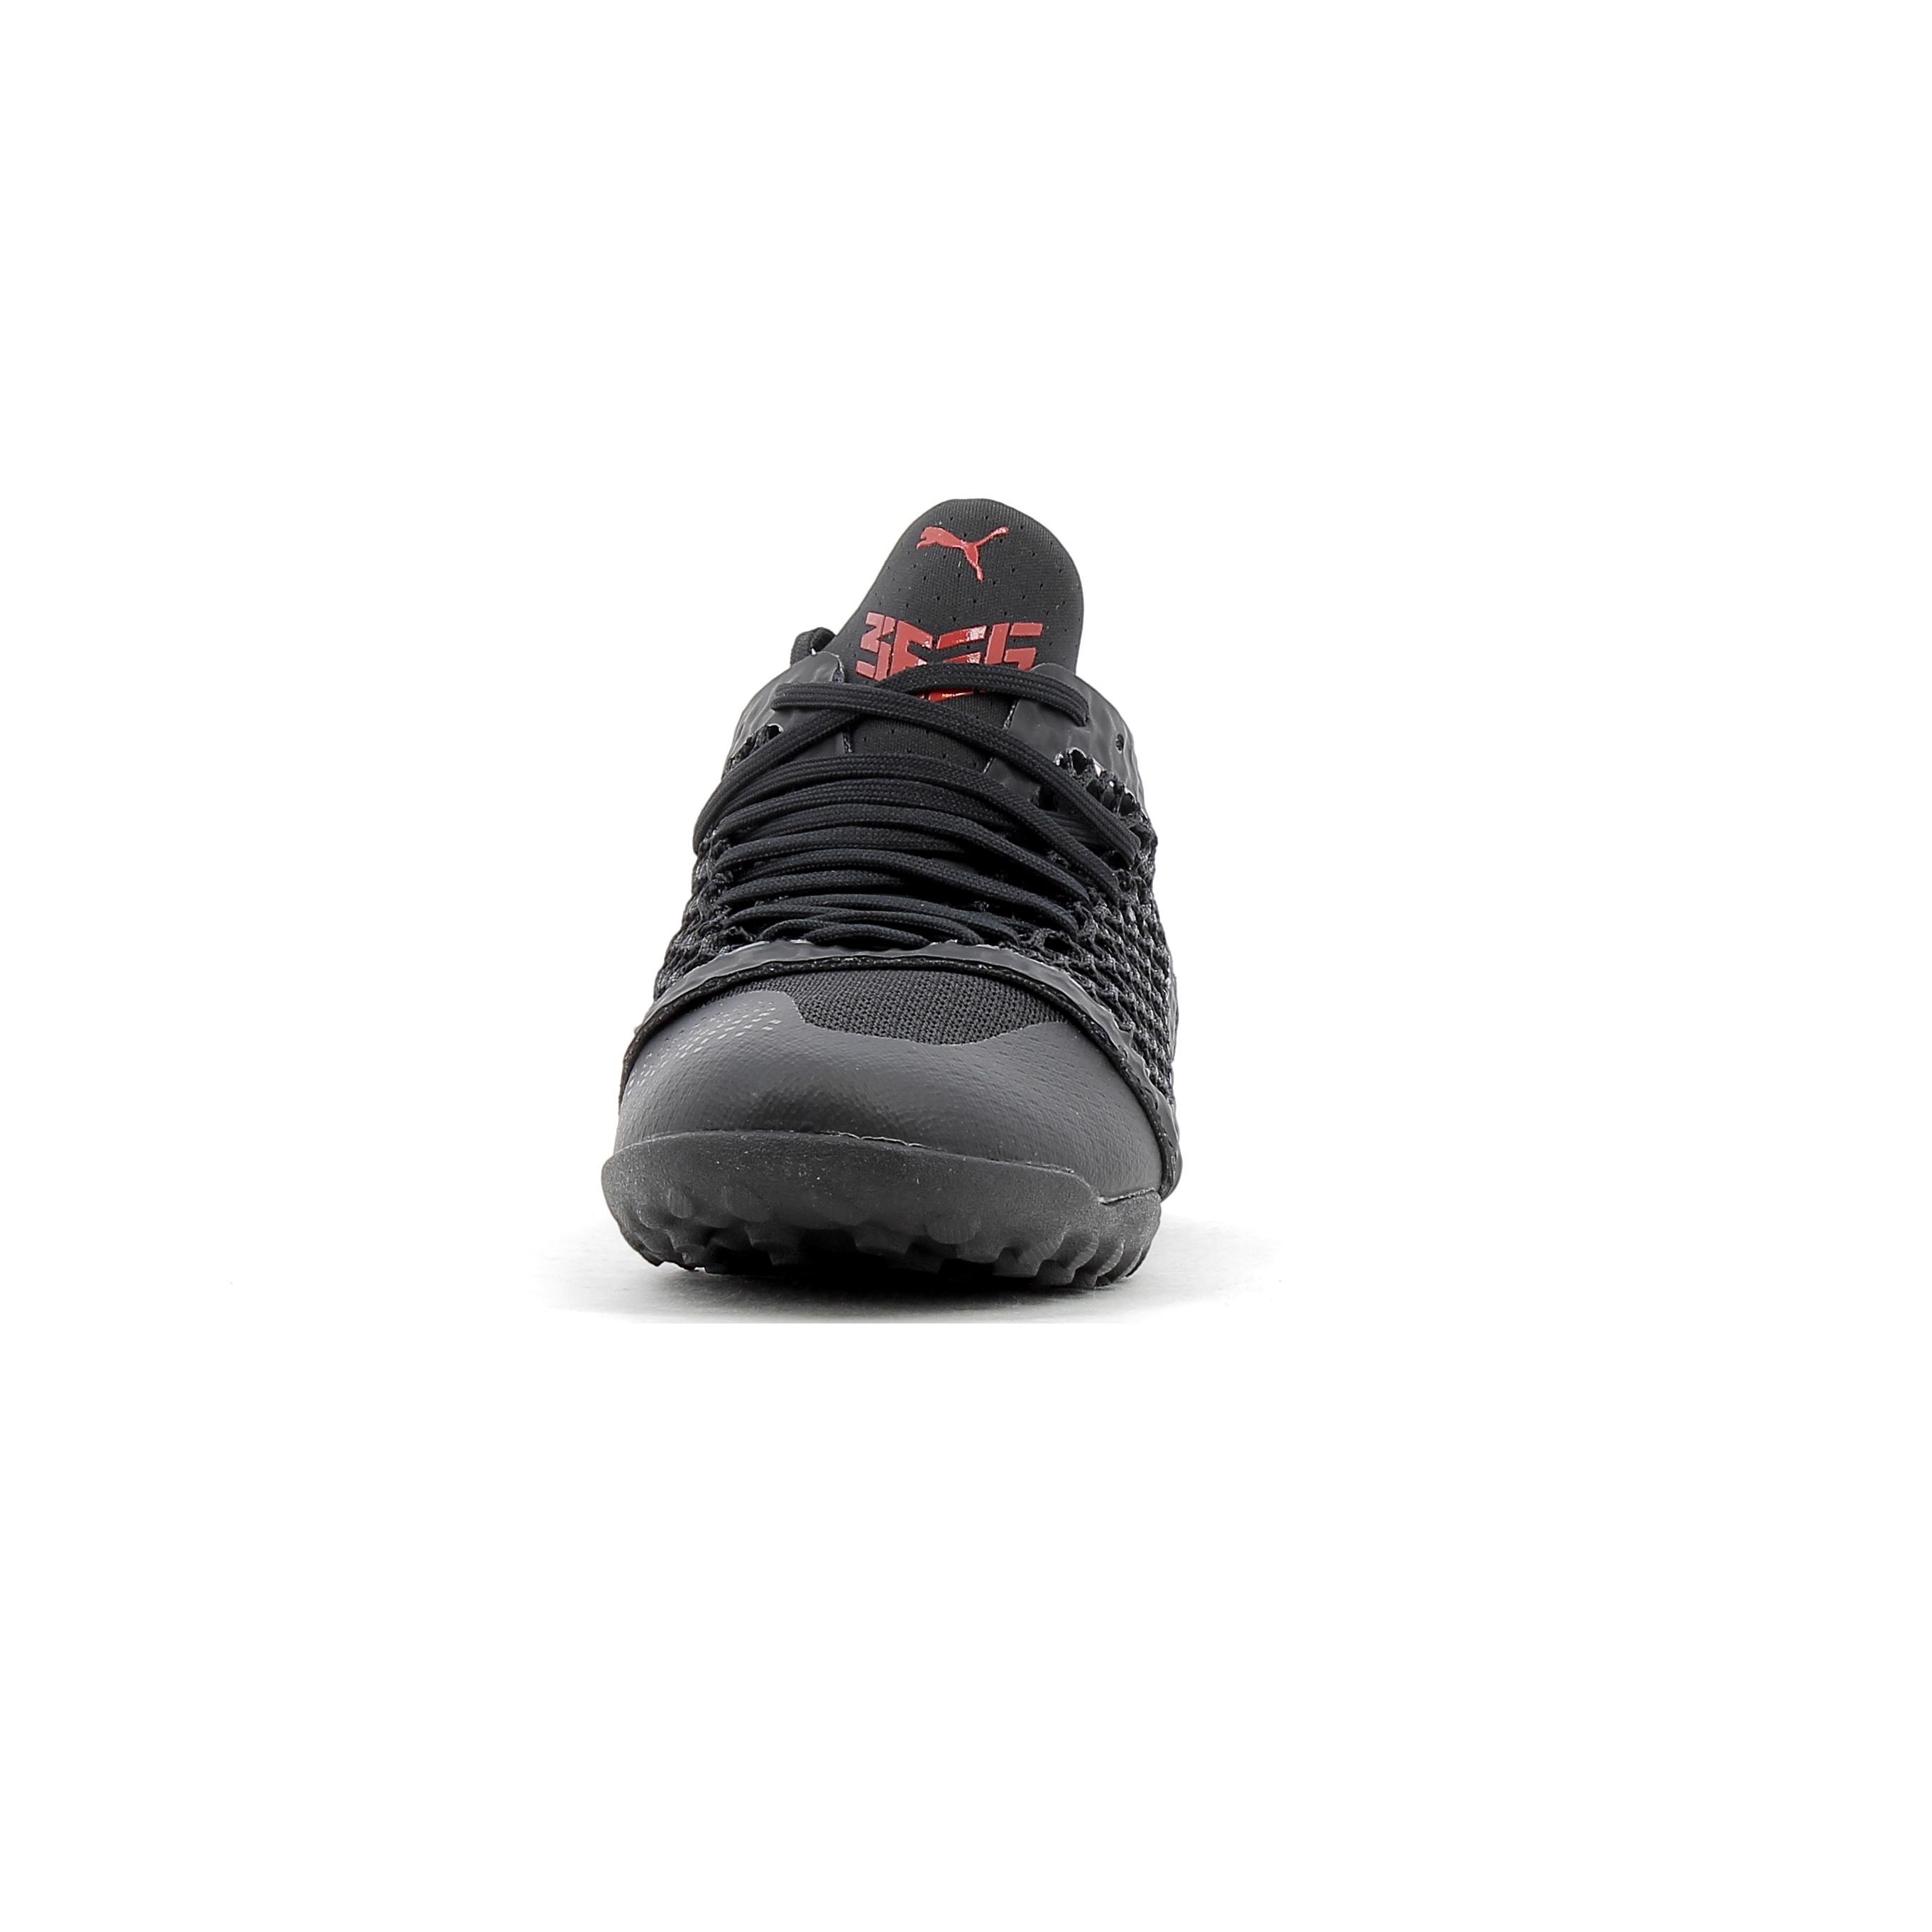 Chaussures de futsal football Puma 365 Netfit ST